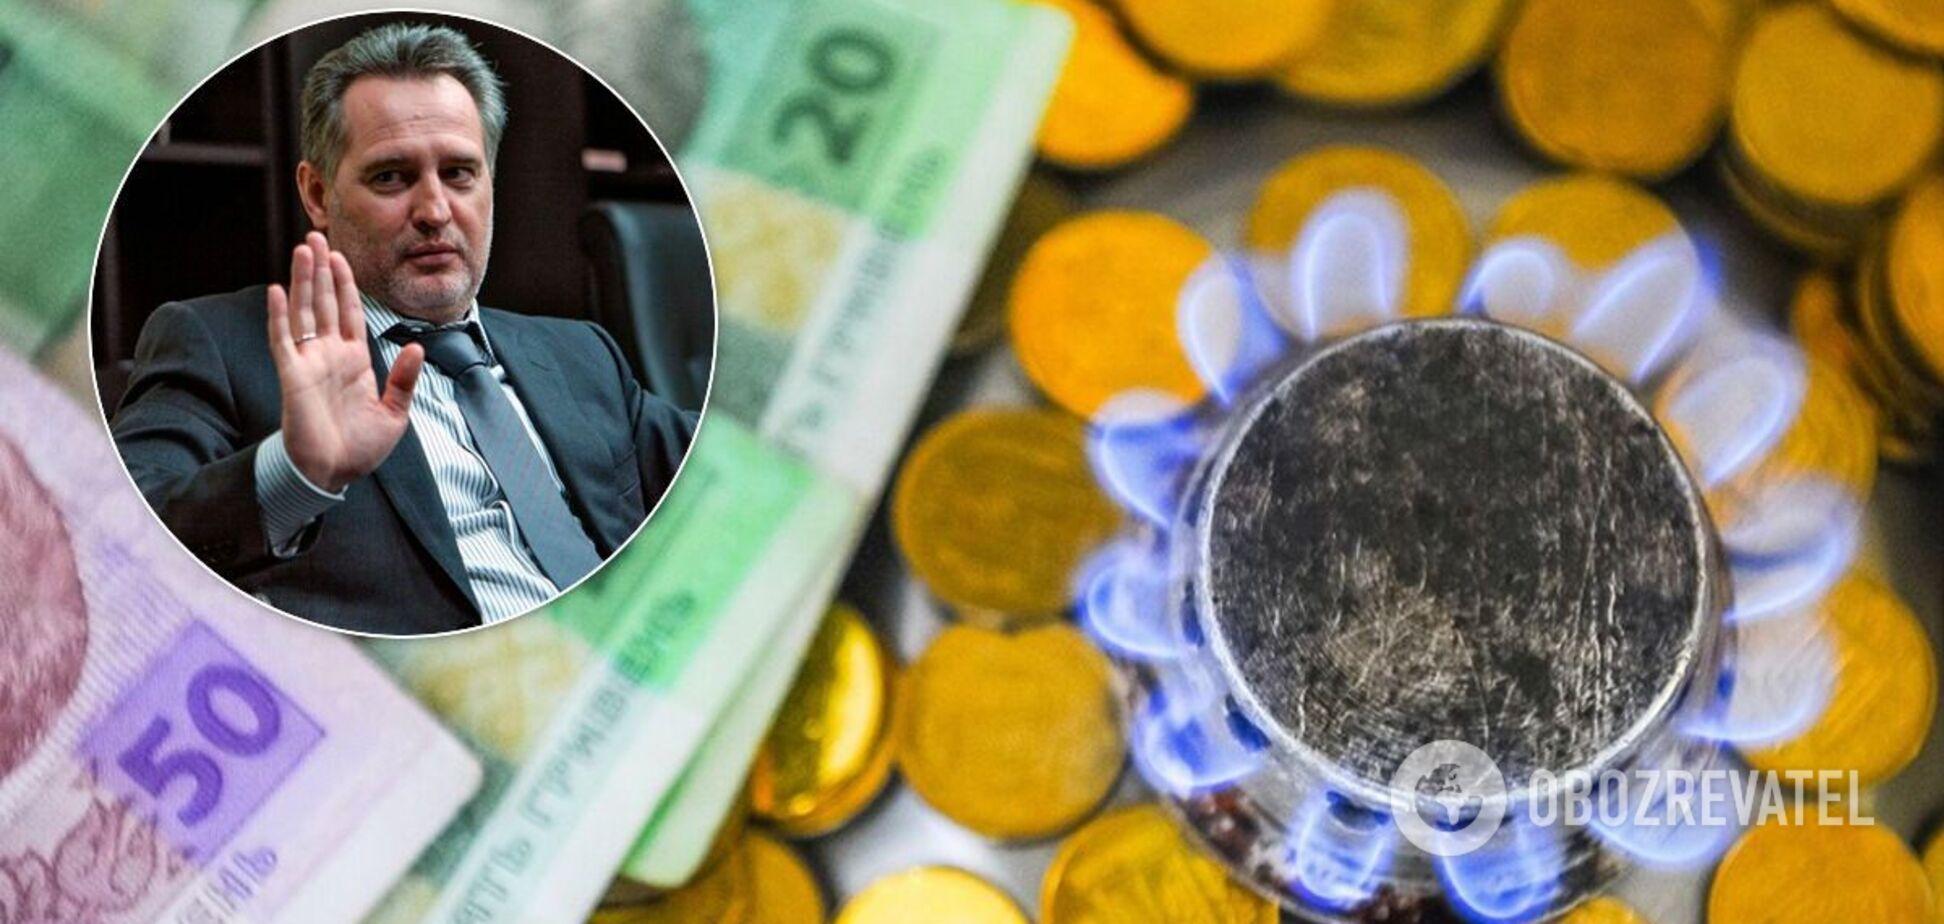 Сім із десяти українців платять за газ компаніям Фірташа: як розподілено ринок